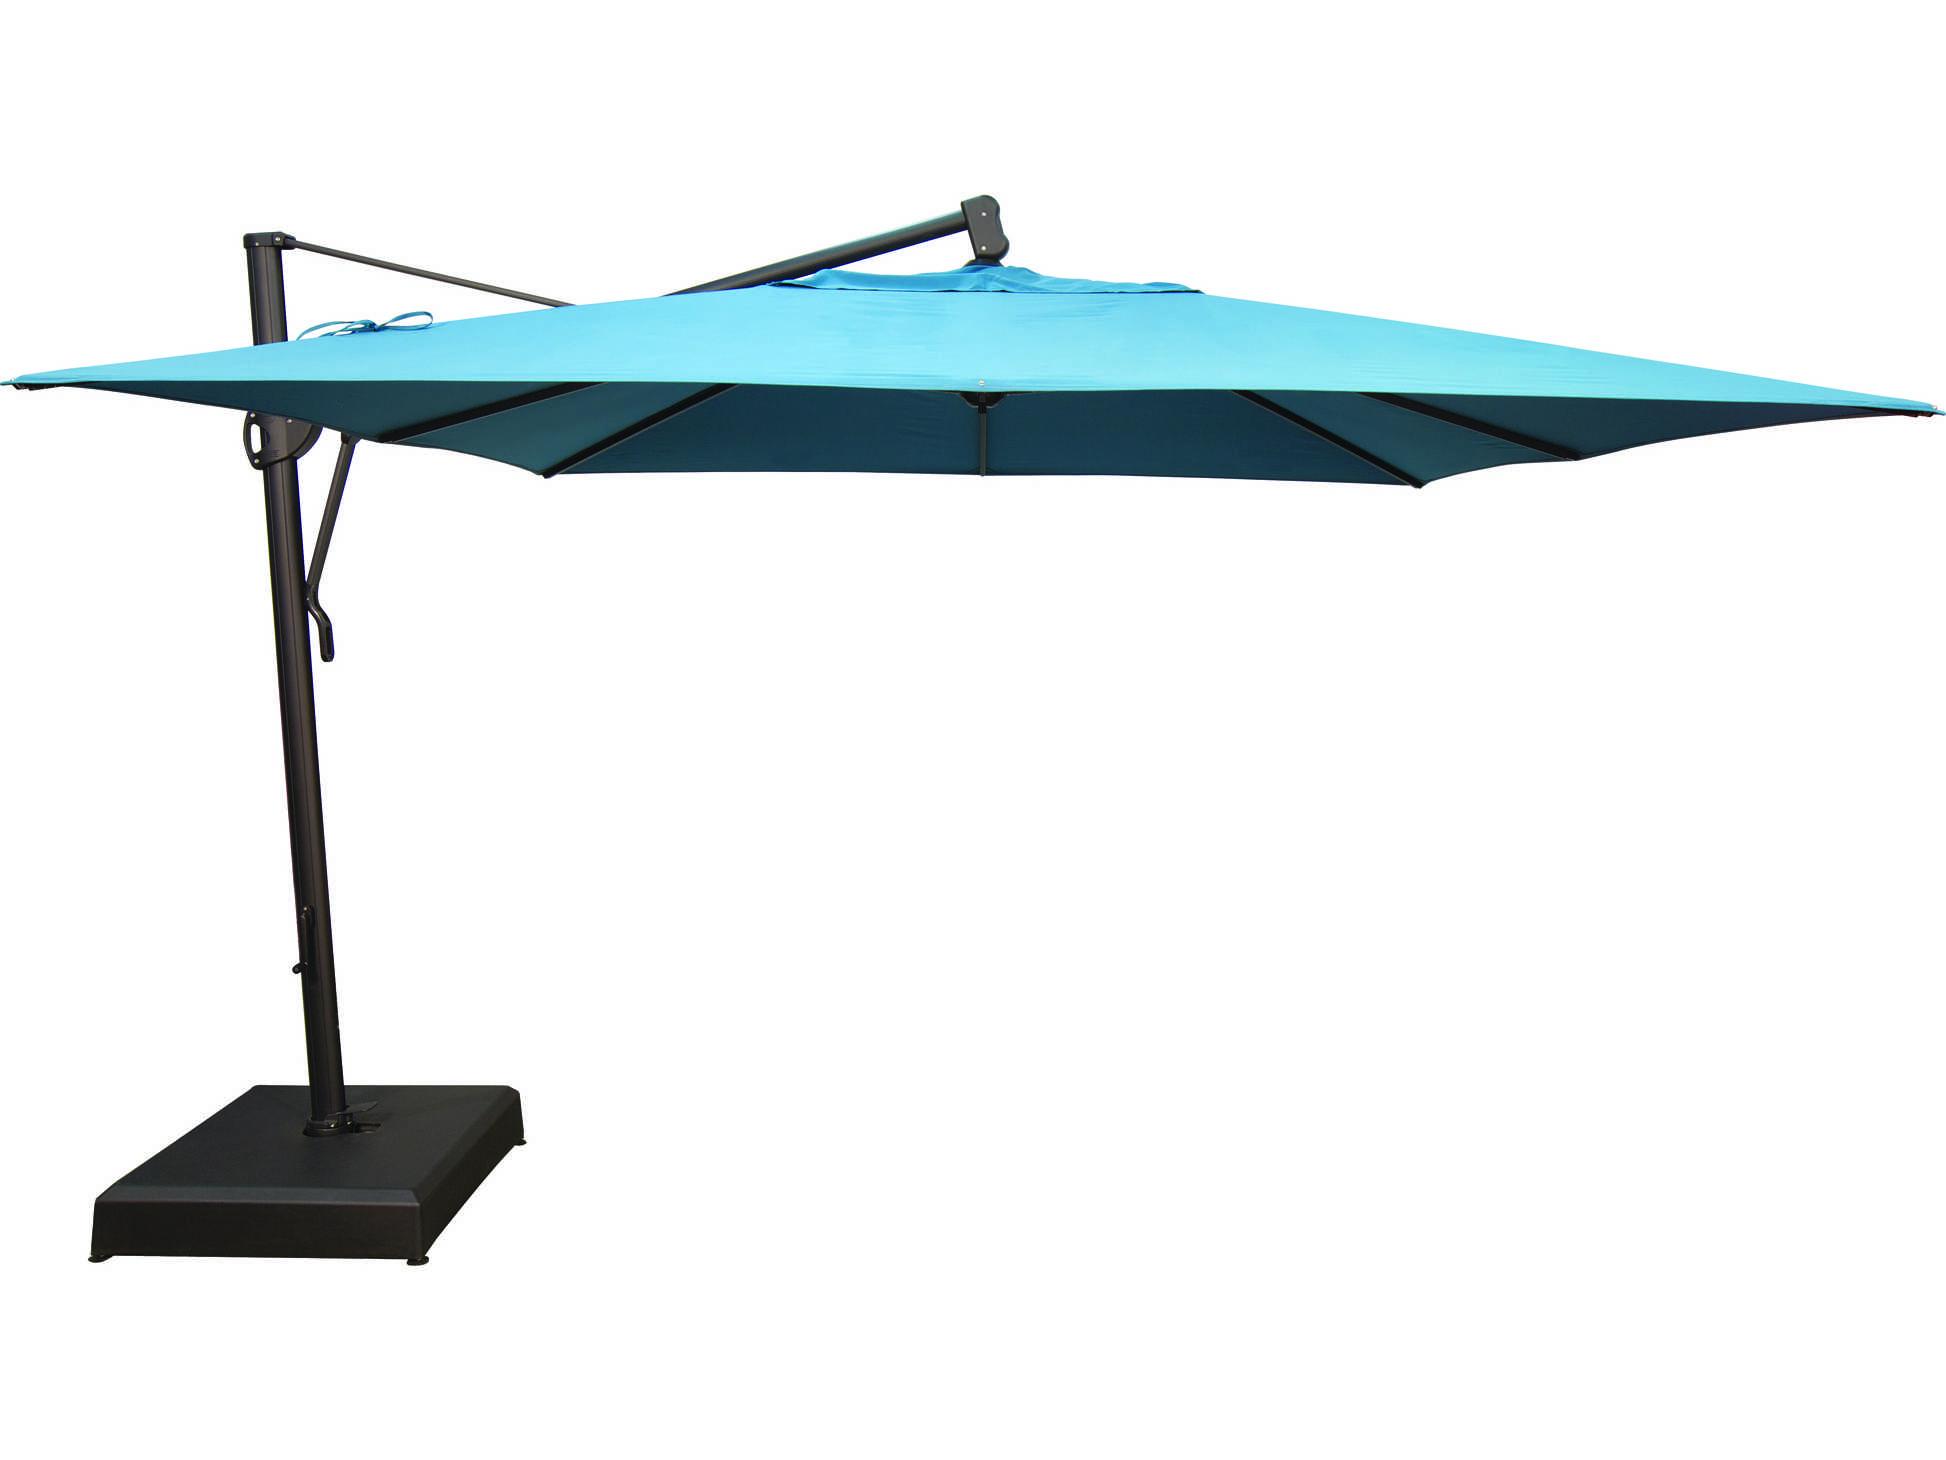 Treasure Garden Cantilever Aluminum 11 5 Foot Wide Umbrella Akzsq11